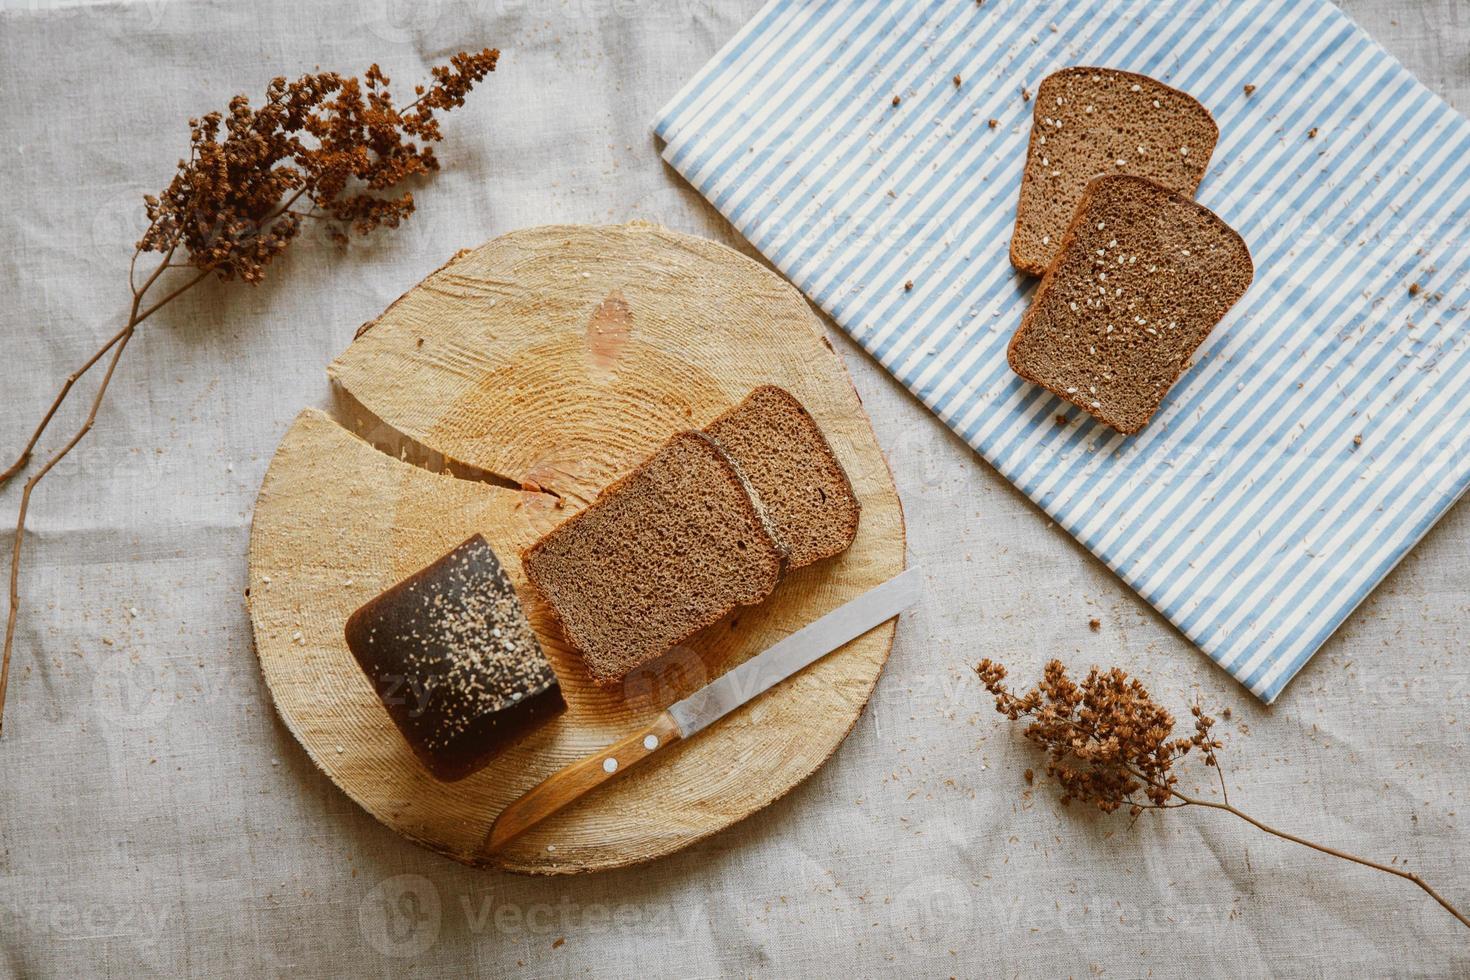 svart bröd på bordet foto